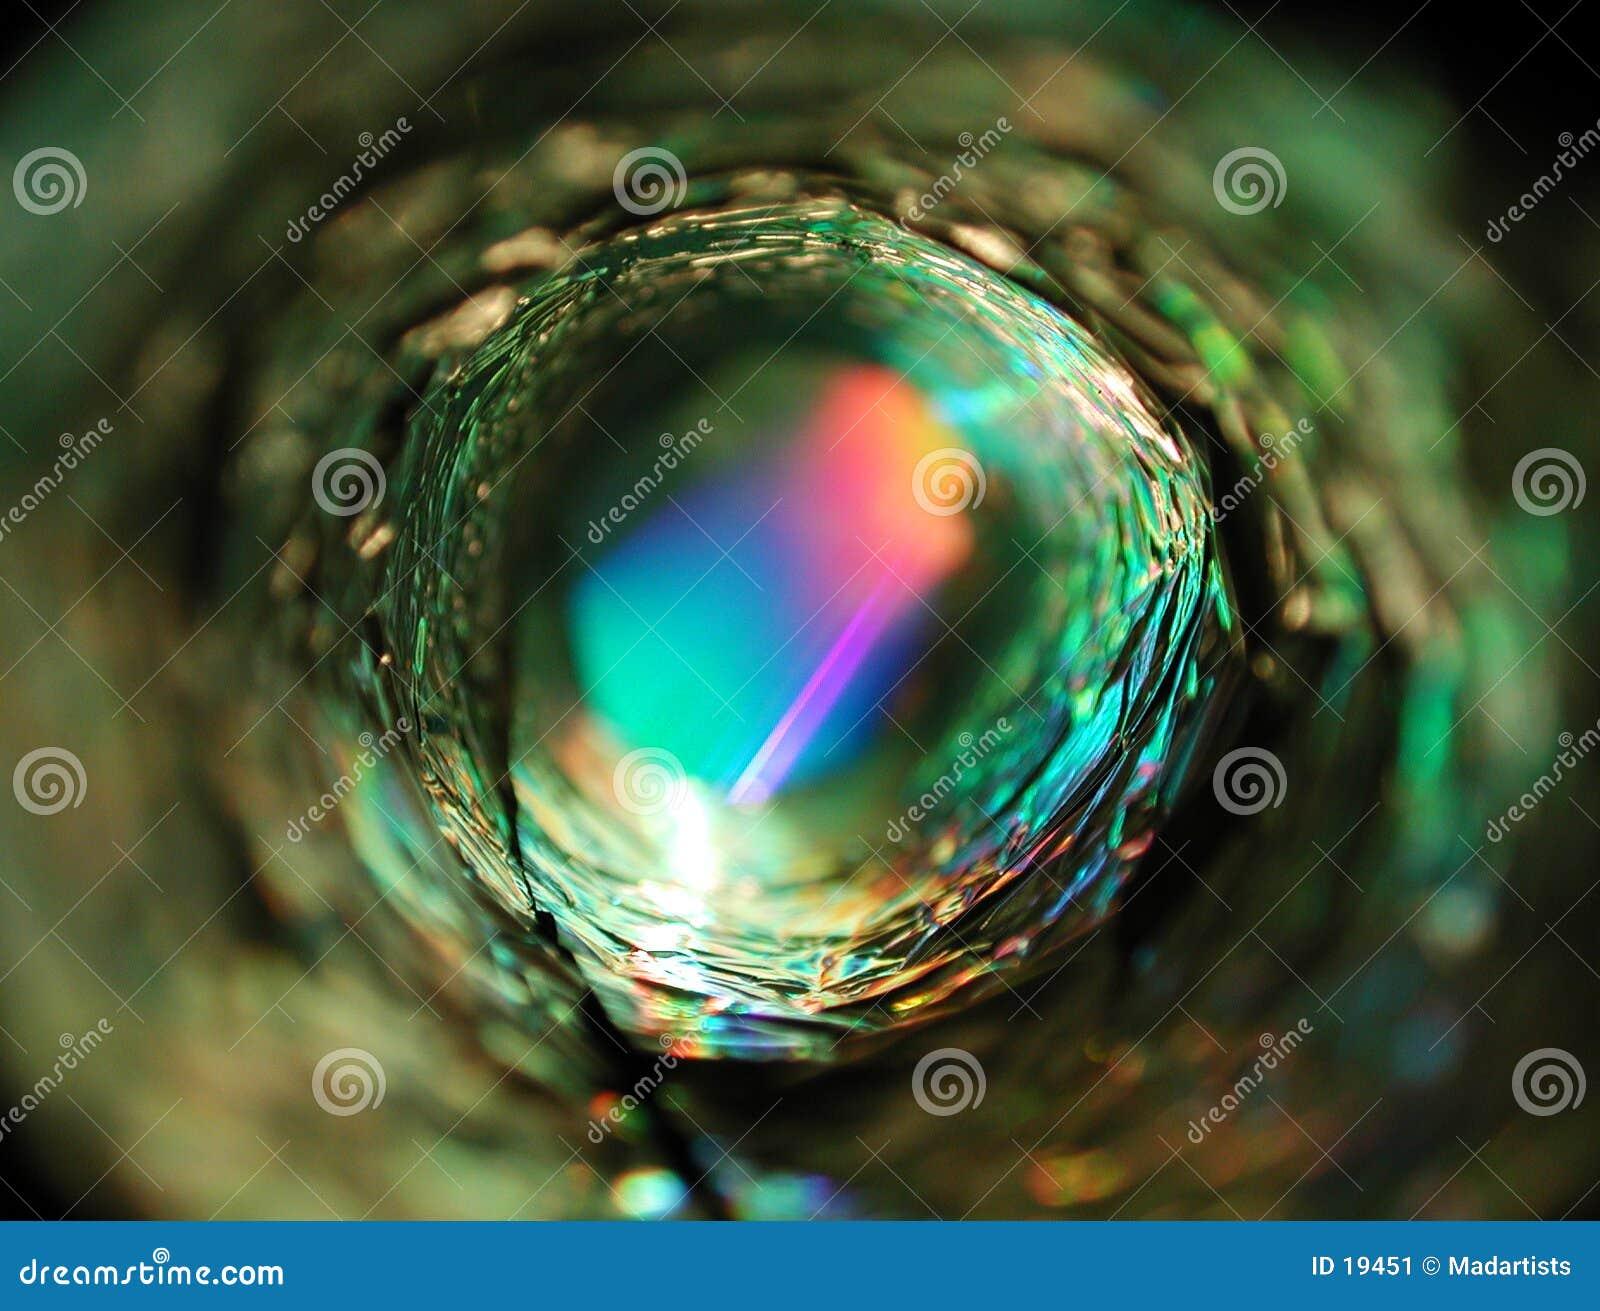 Circle glowing light metallic